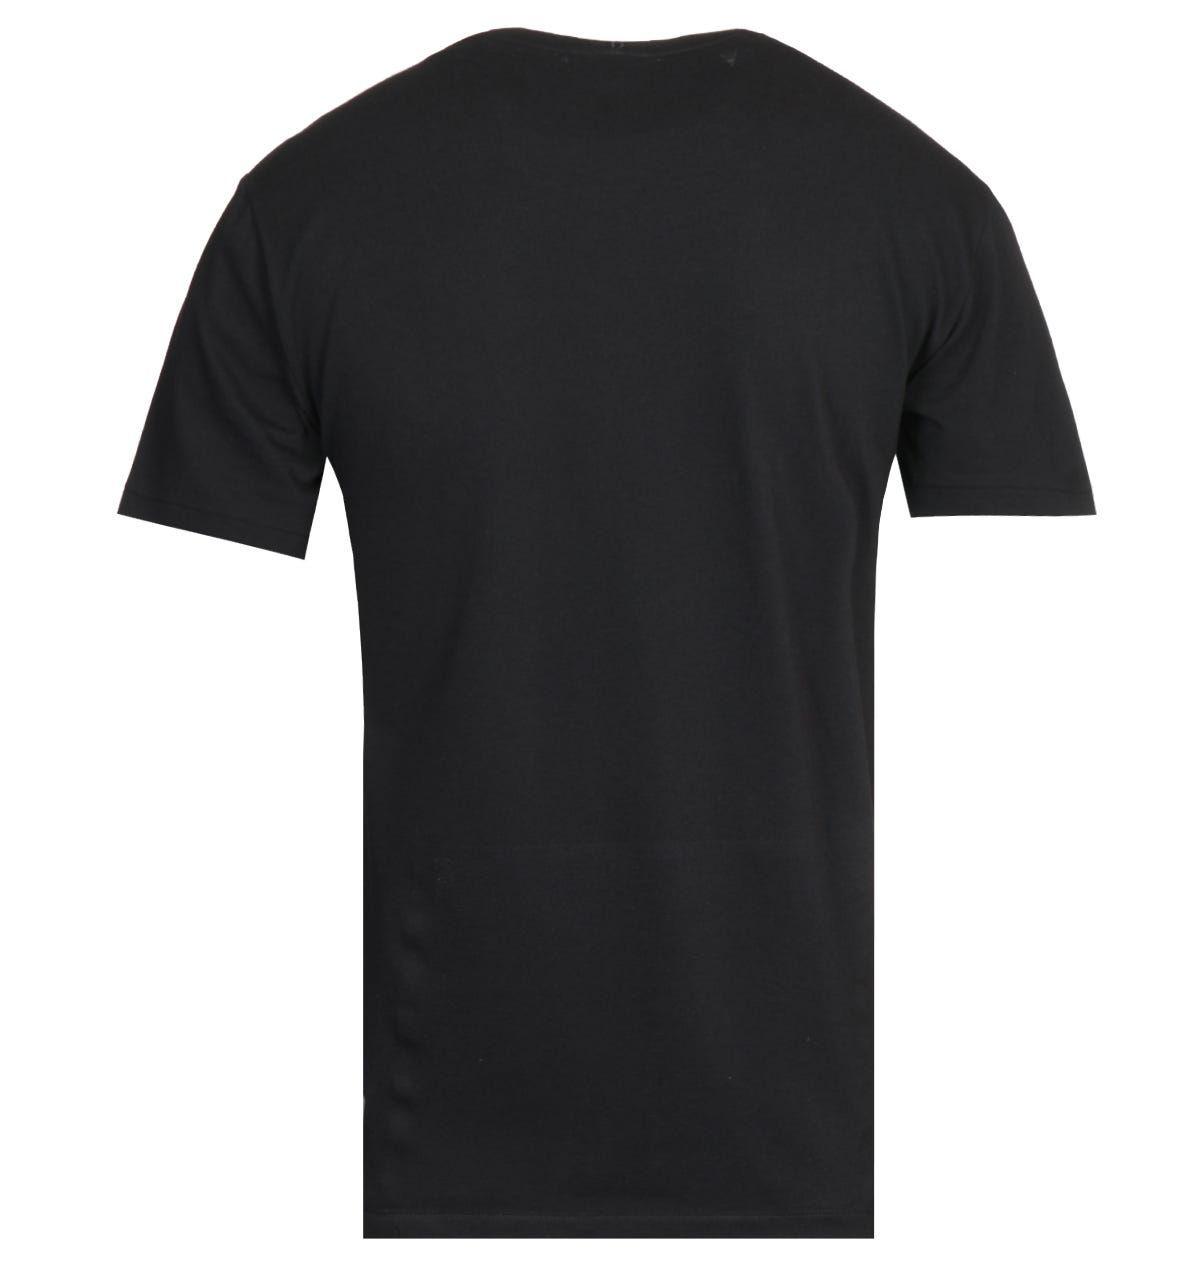 Lacoste Black Homme T-Shirt